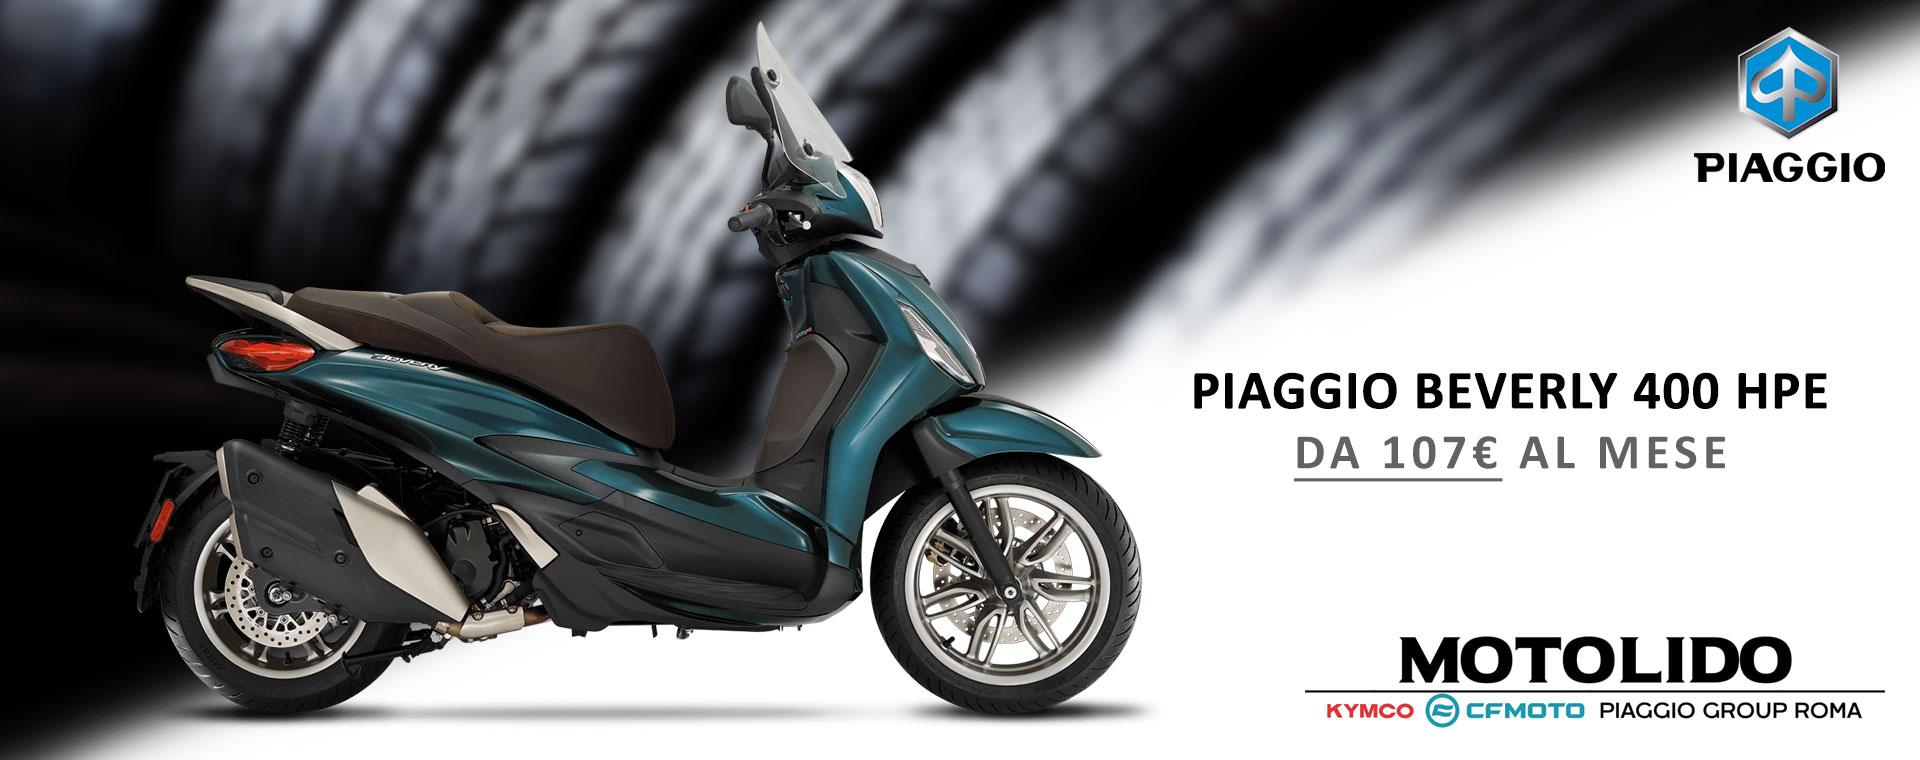 PROMOZIONE-PIAGGIO-BEVERLY-400-HPE-ABS-EURO5-Slide-NEW